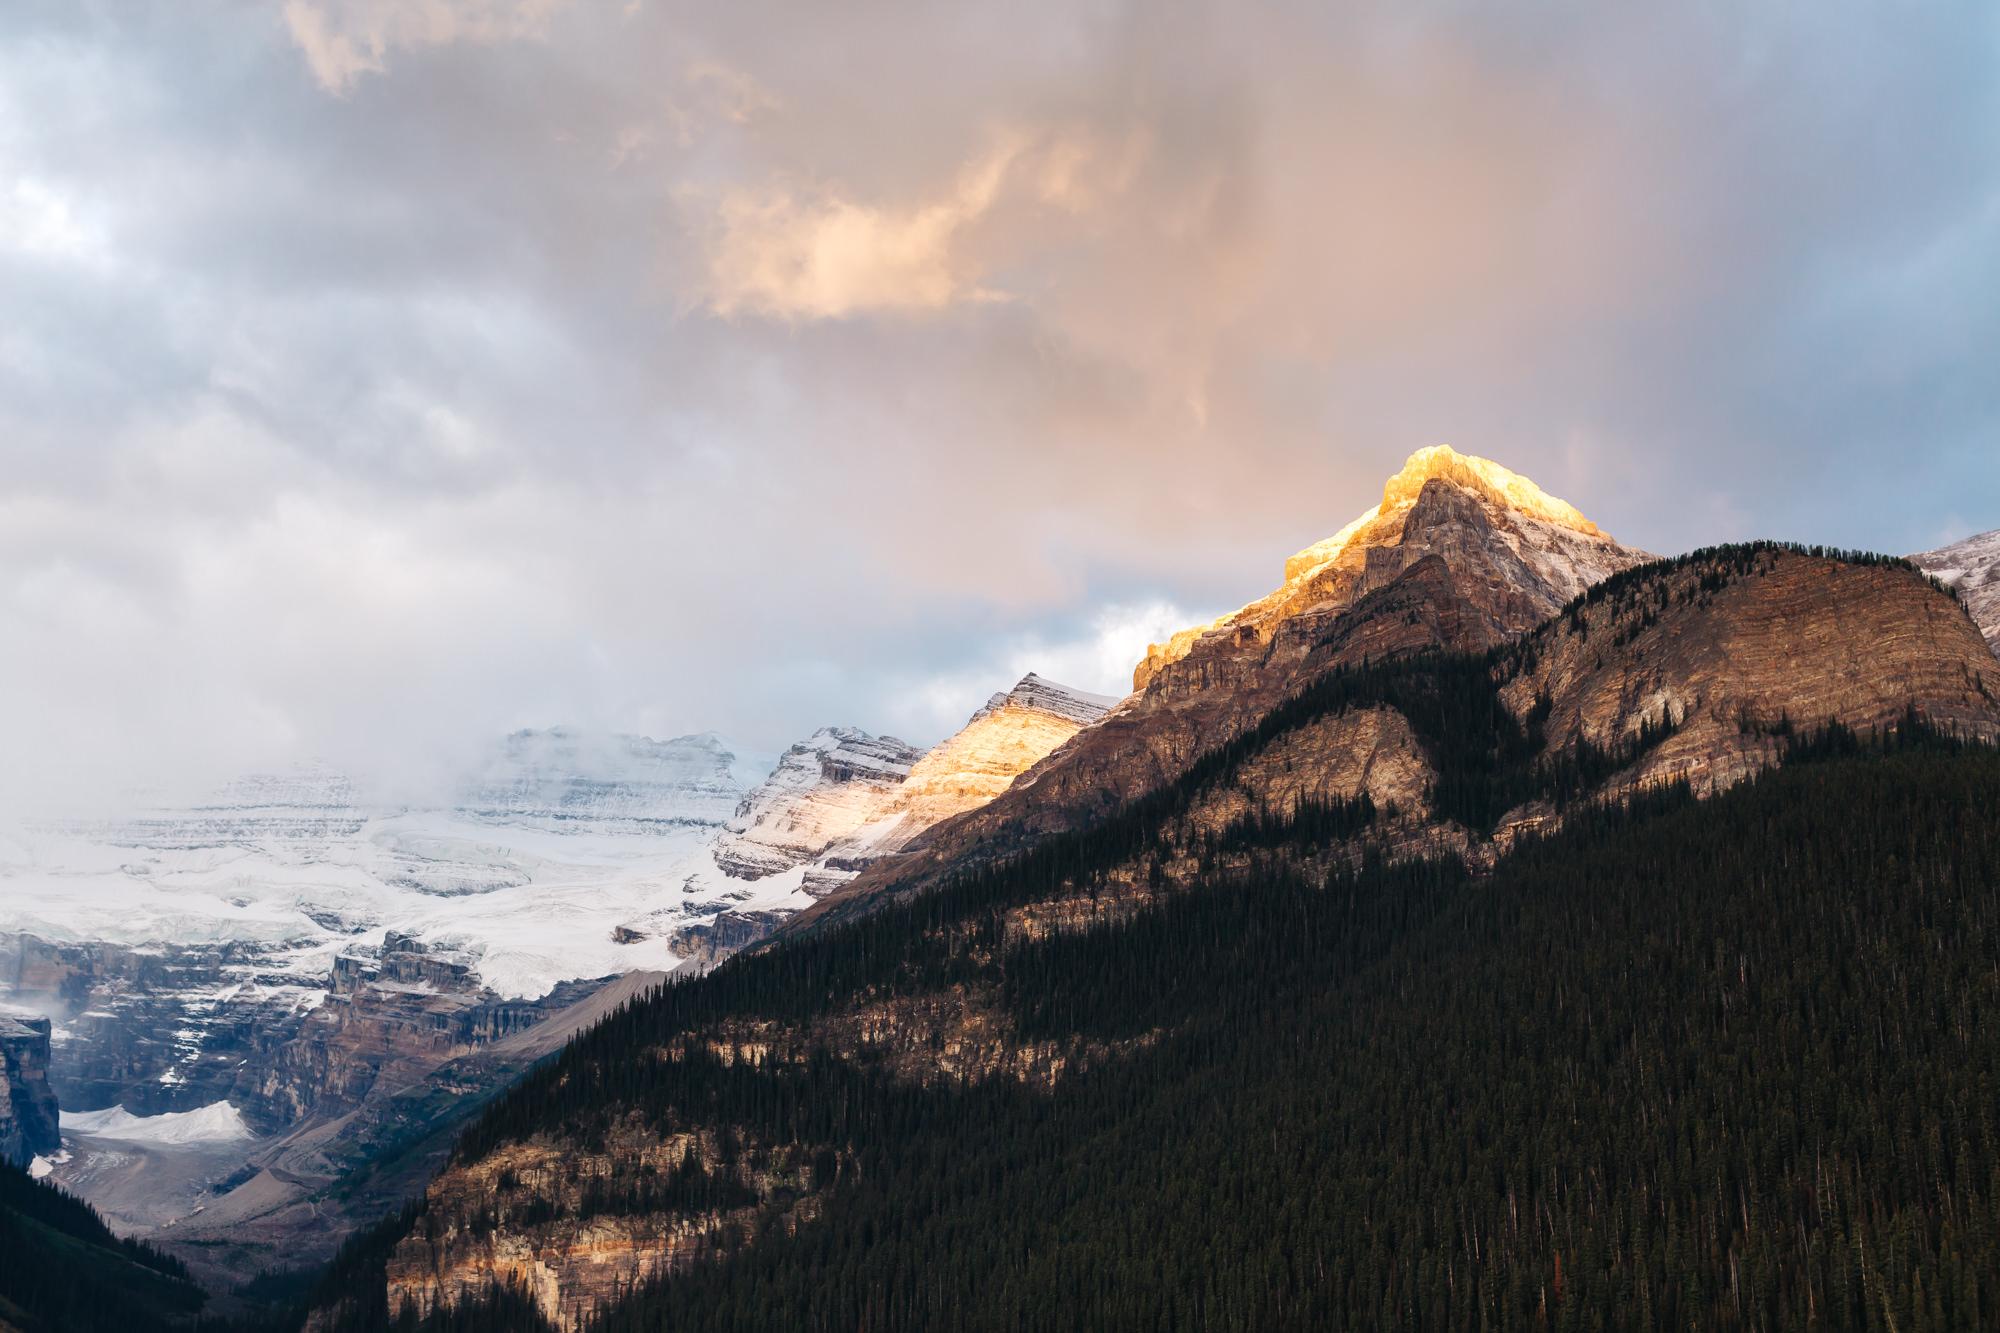 Lake Louise Banff National Park #LakeLouise #Banff